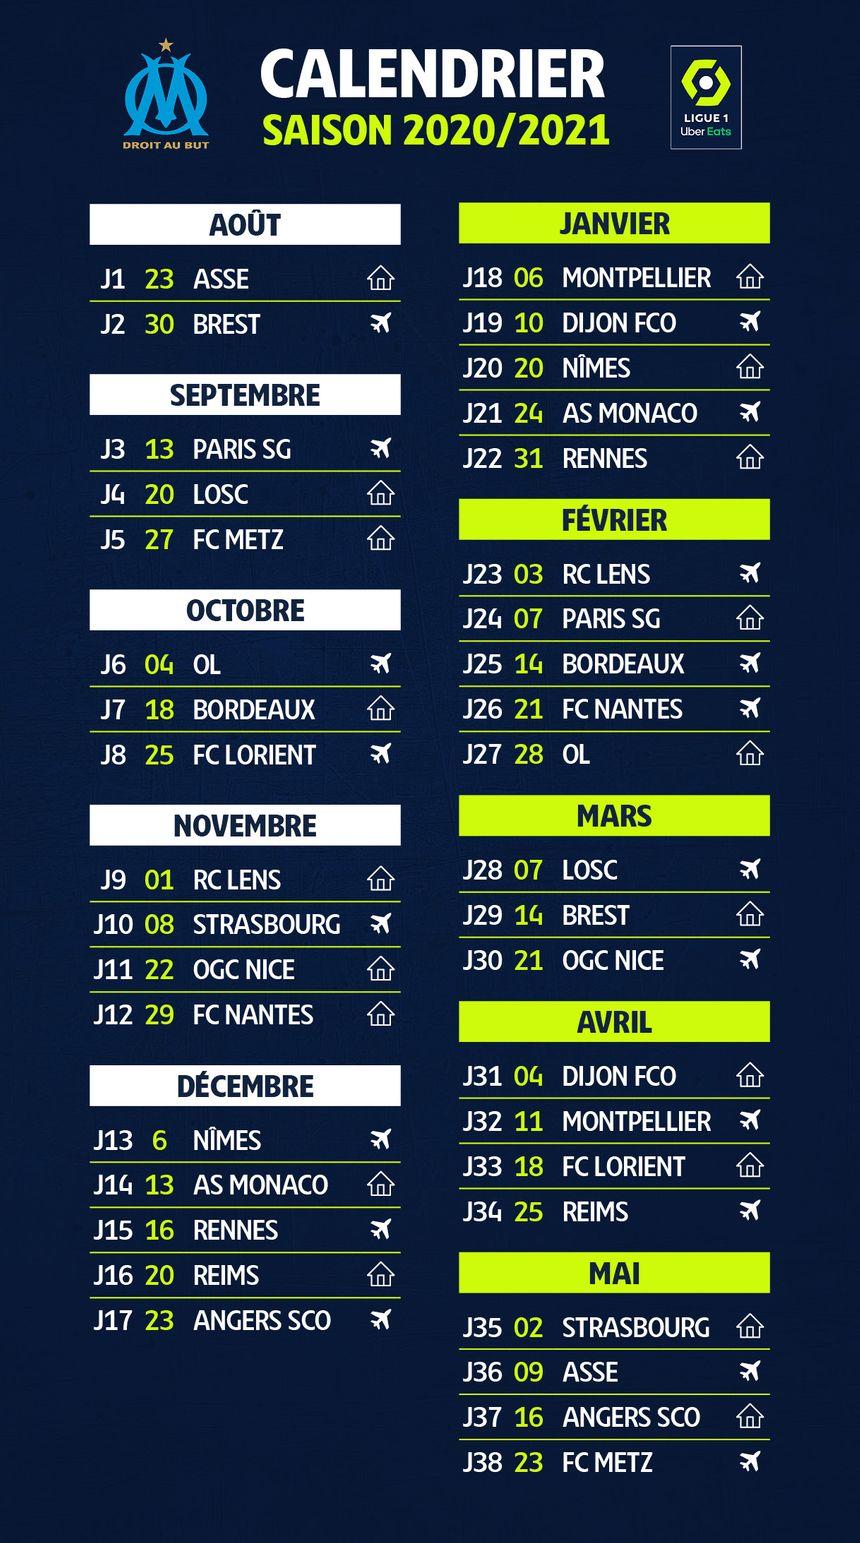 Ligue 1 : le calendrier de l'Olympique de Marseille pour la saison